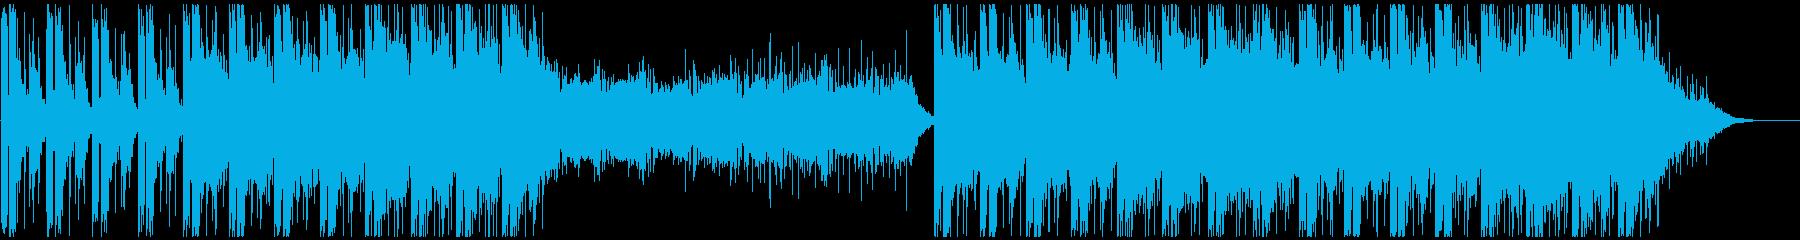 緊迫したシーンに適したBGMです。の再生済みの波形